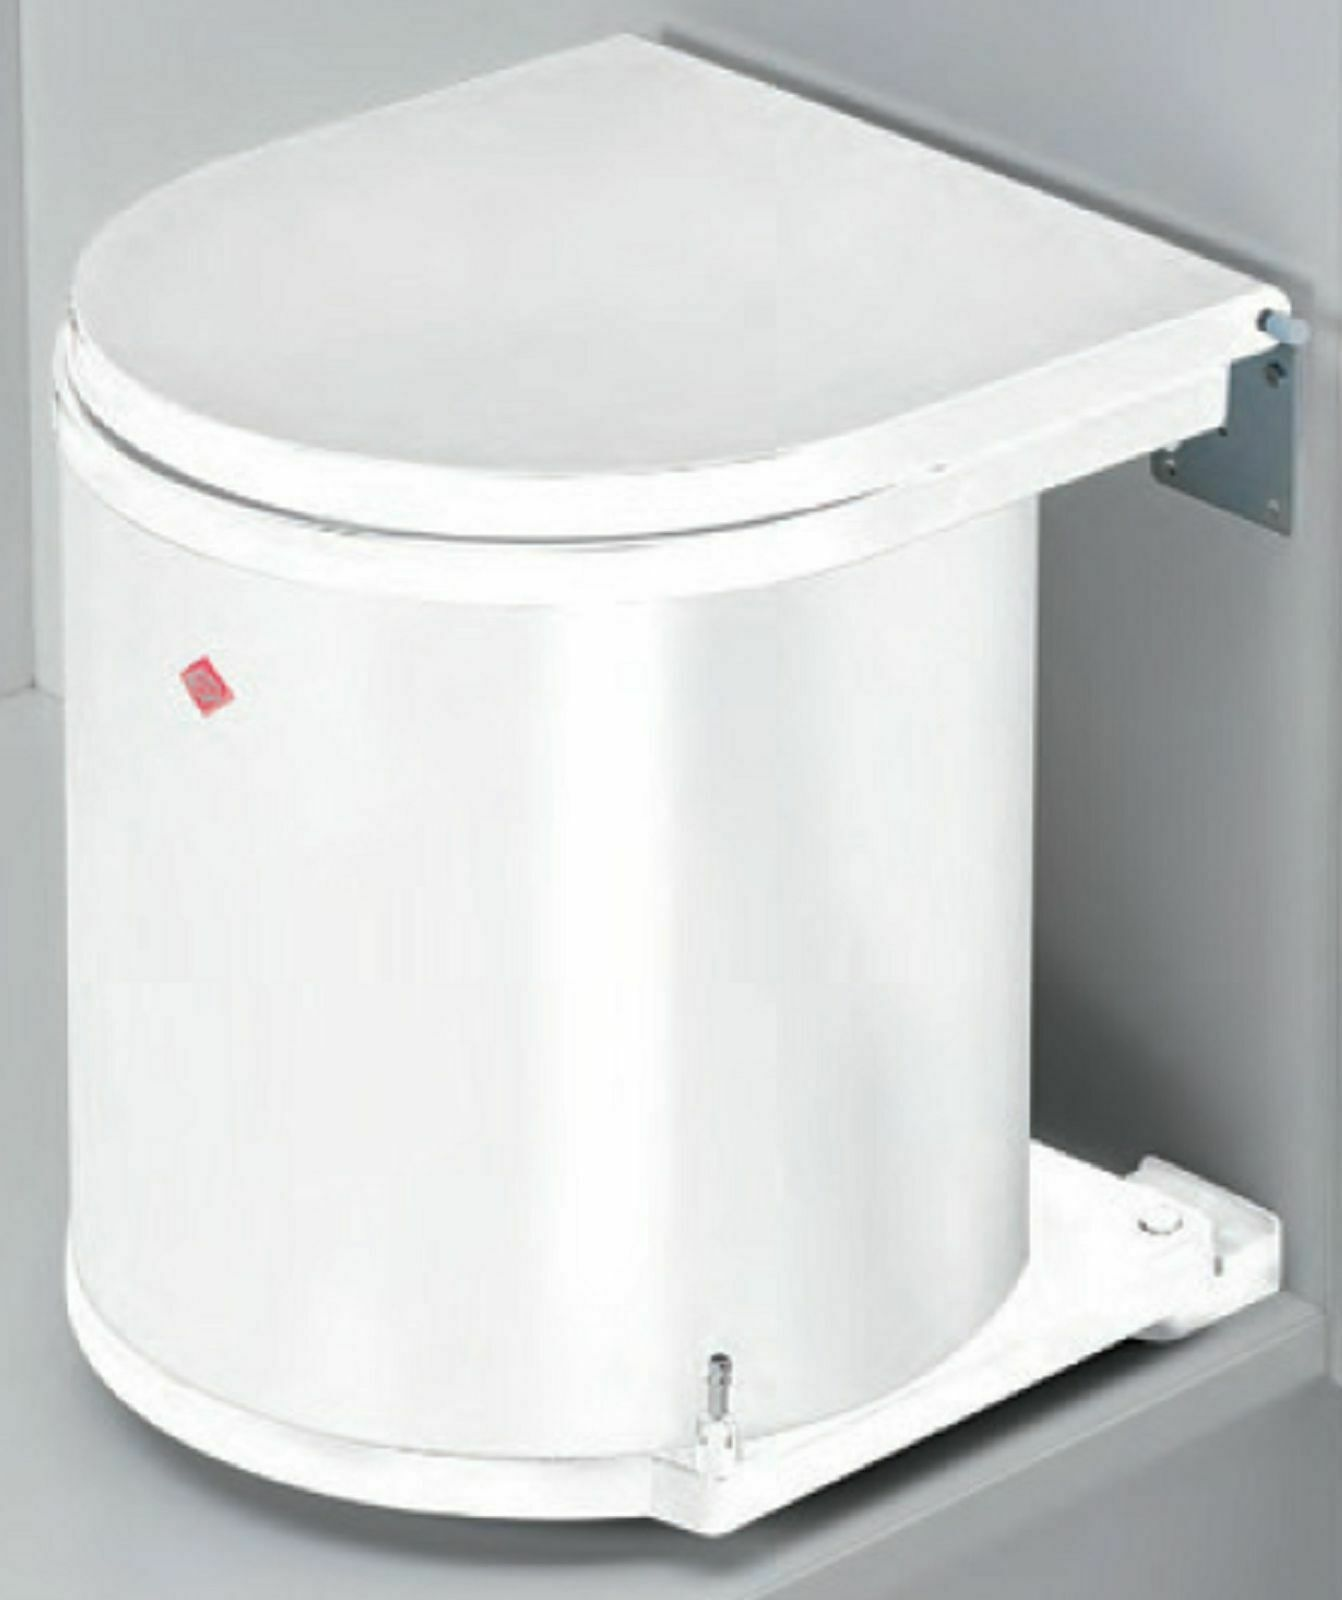 Einbau-Mülleimer Küche Bad 15L Kosmetikeimer Müllsammler Abfalleimer weiß  *40656